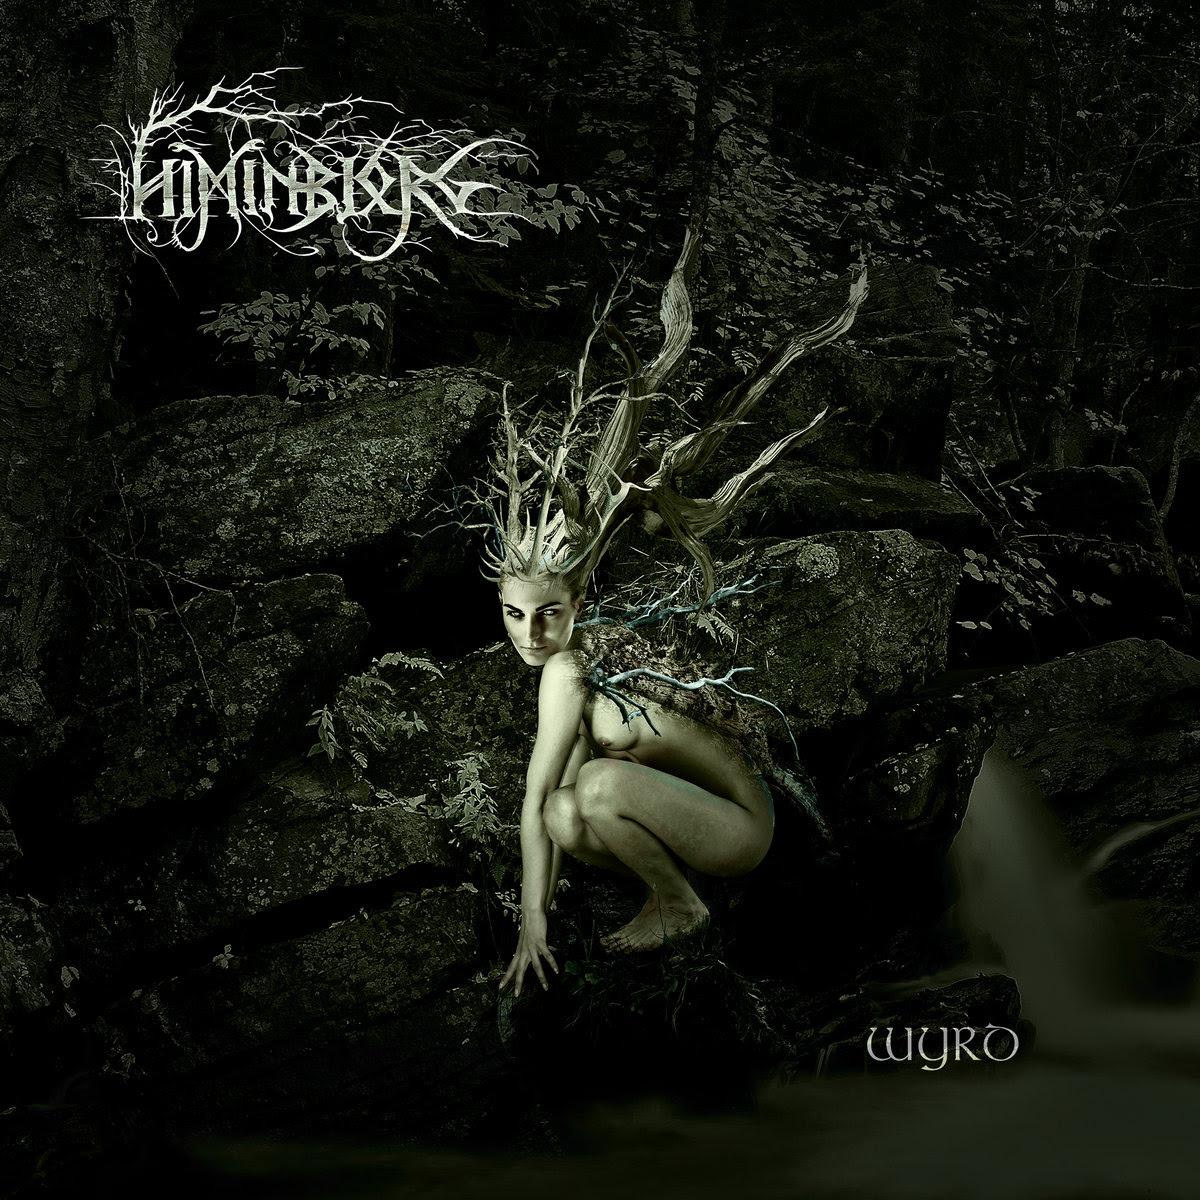 Himinbjorg - Wyrd (2015)